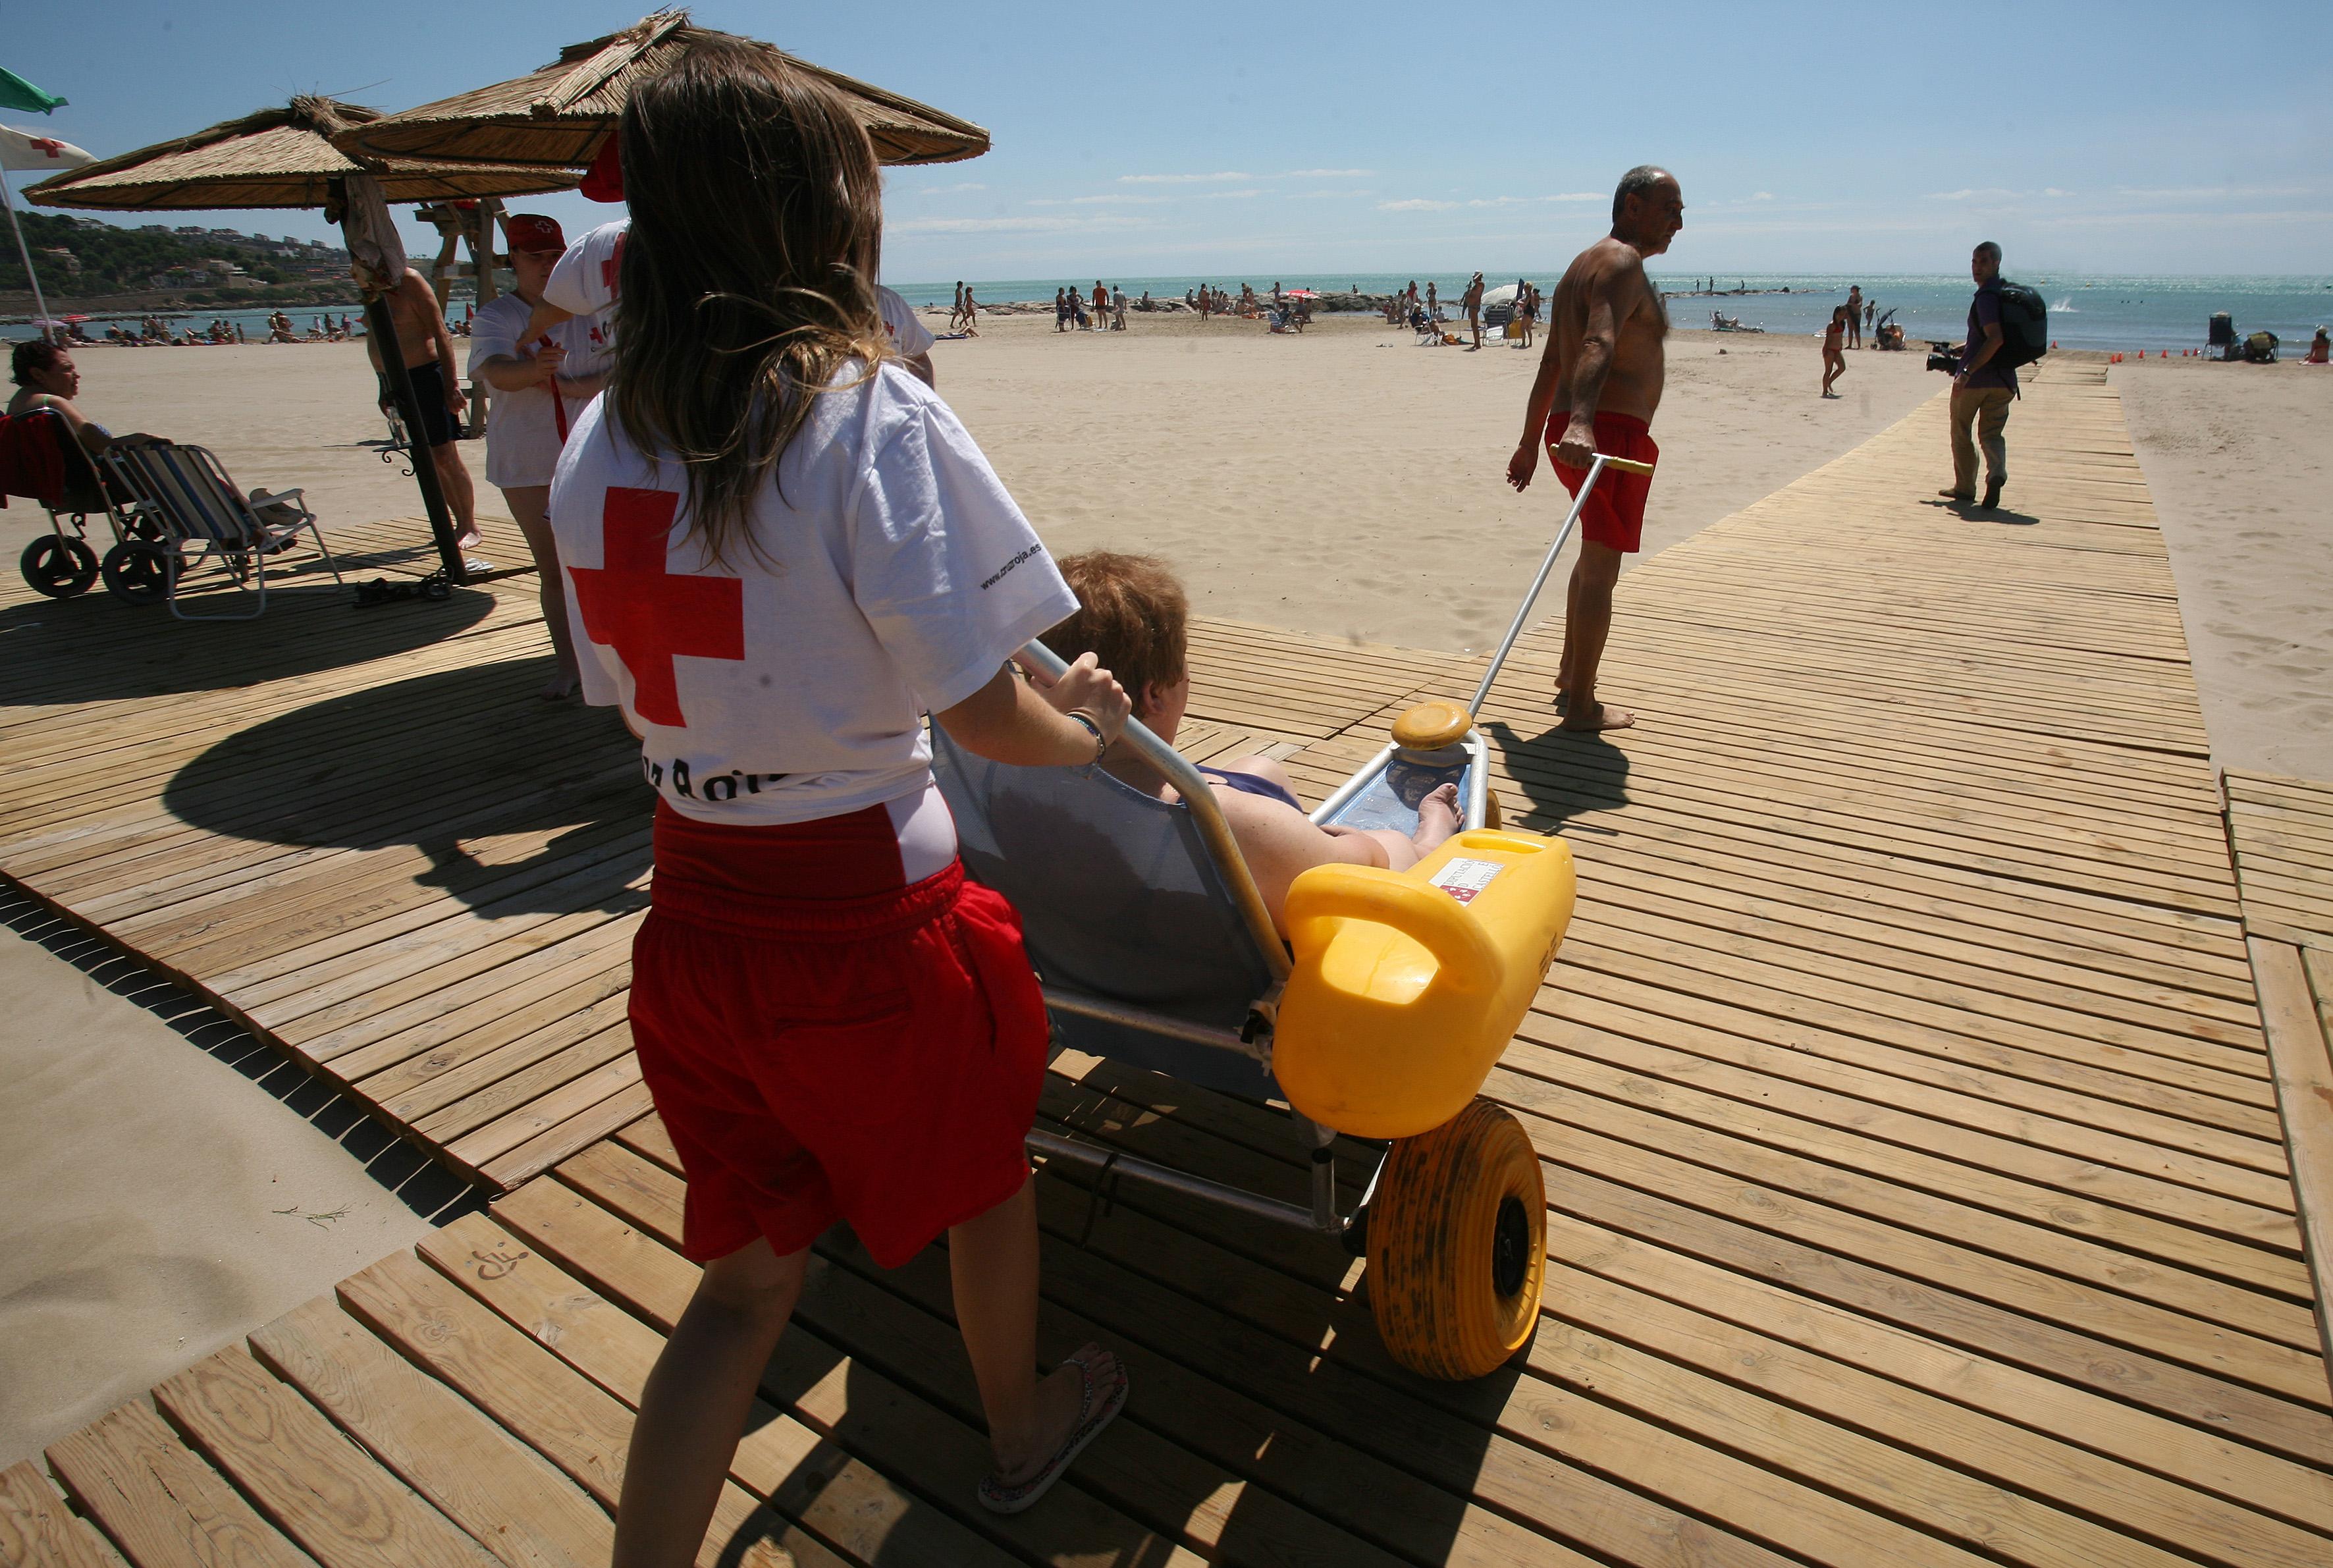 Una chica de la Cruz Roja con una silla accesible para el baño en una playa